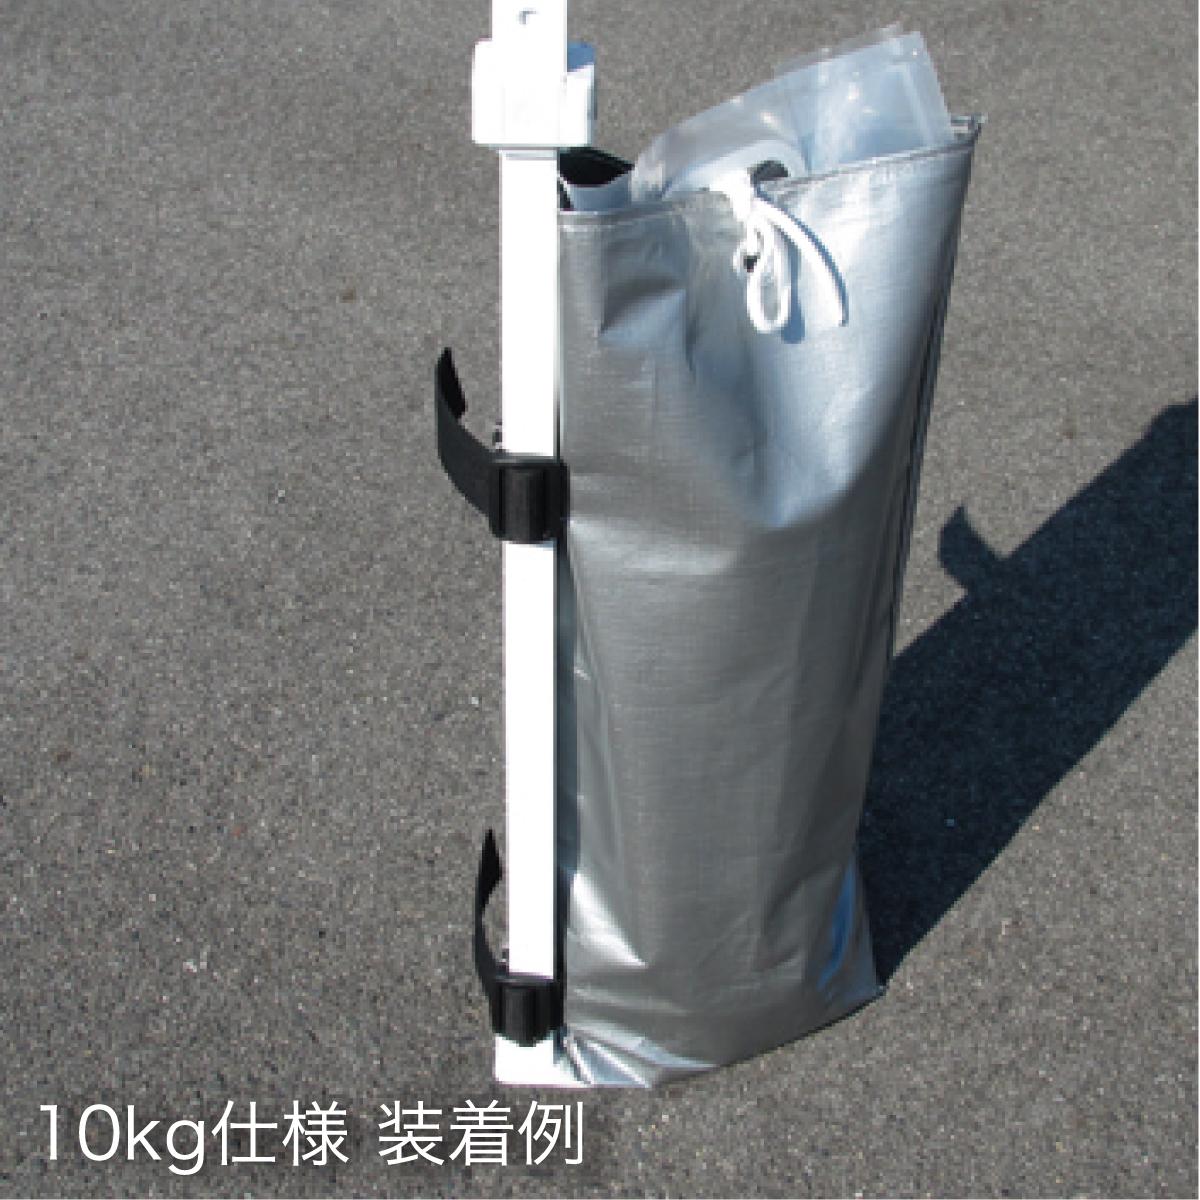 カンタンウェイト10kg 6個セット WB10-6W2 [※代引不可]